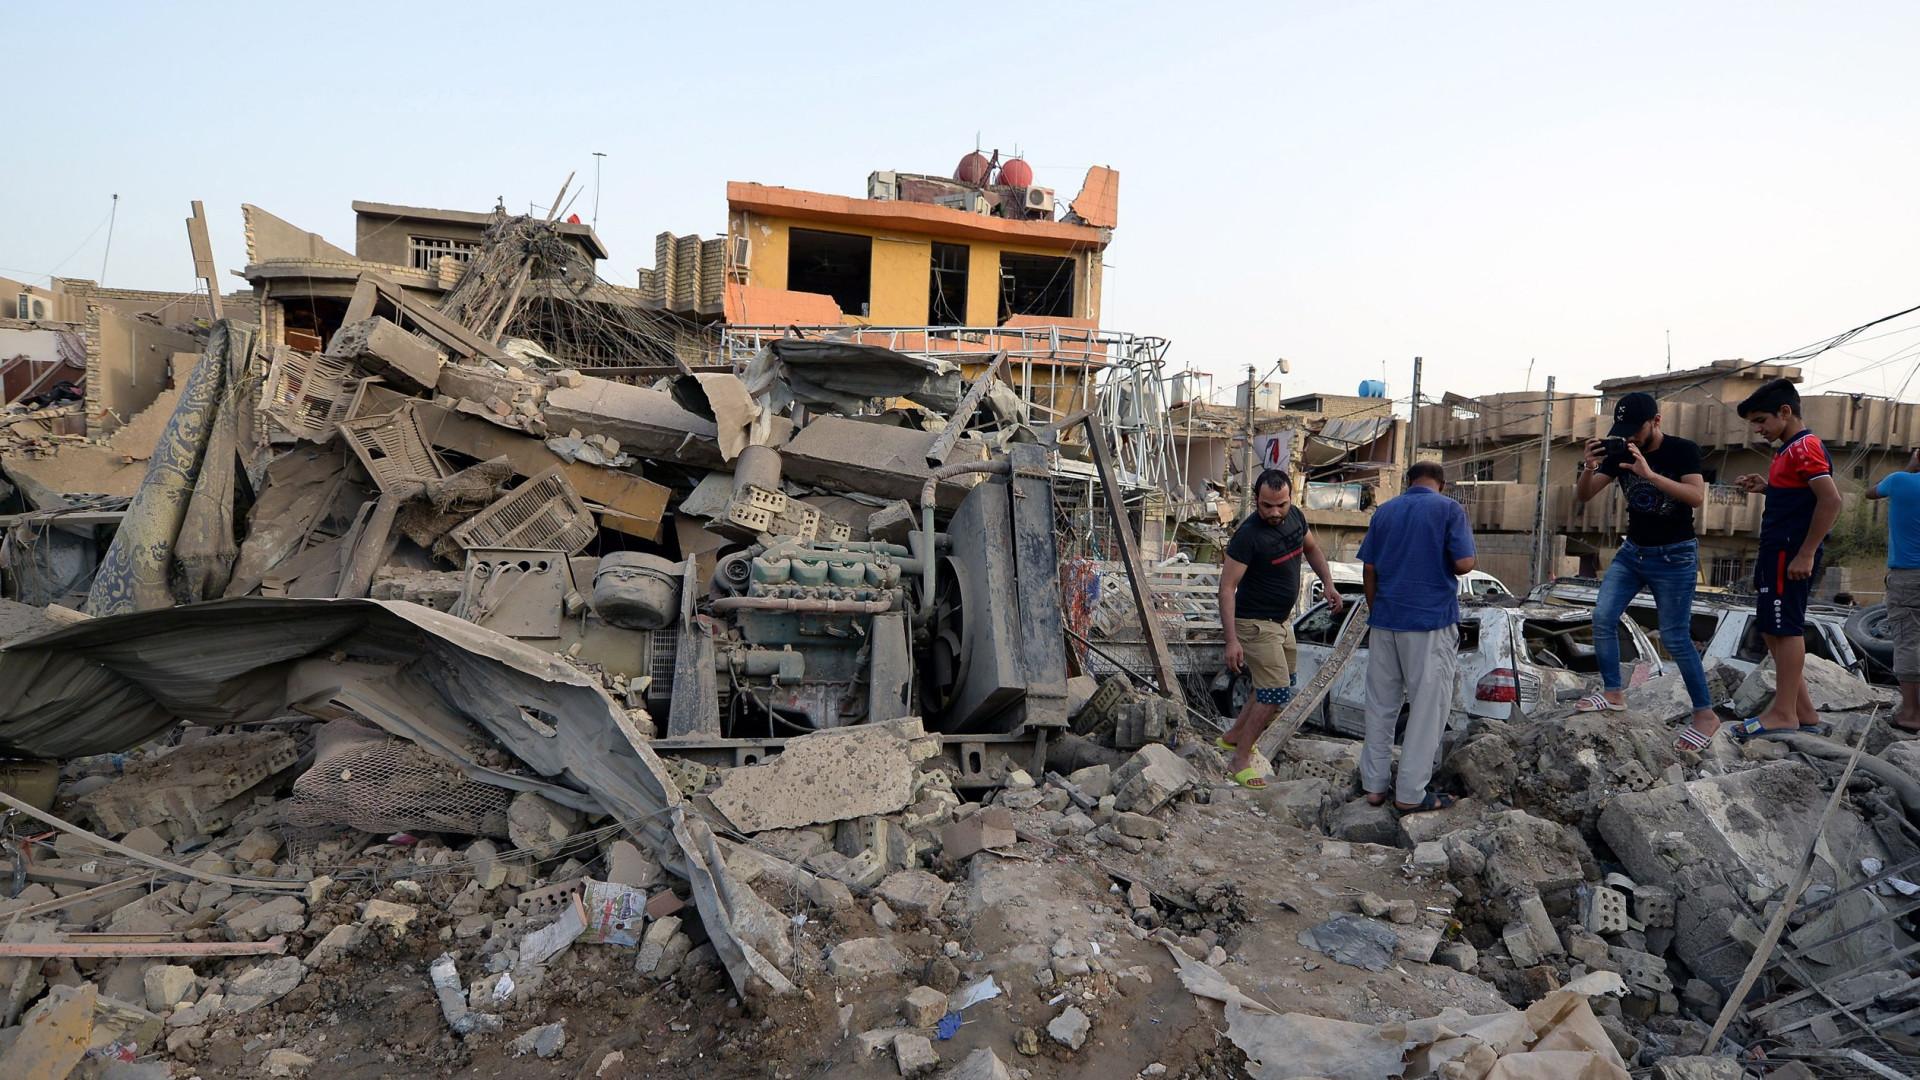 Doze mortos em explosão junto a ministério na capital do Afeganistão